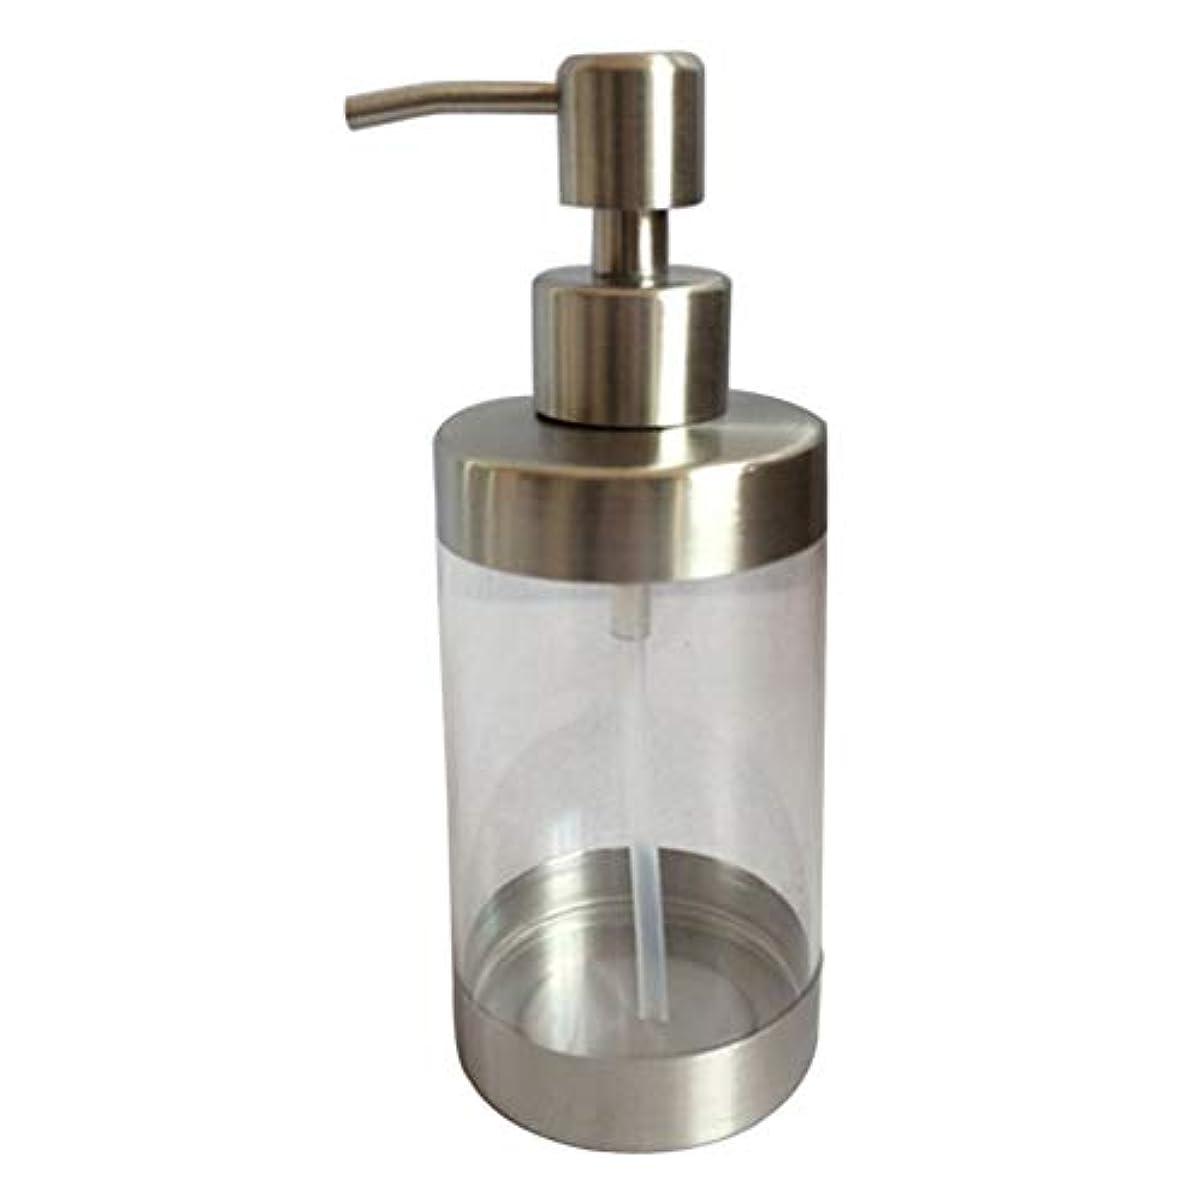 有名な味位置するTOPBATHY 浴室の台所のためのポンプが付いている1pc 350MLの明確なカウンタートップの石鹸のローションディスペンサーのびん